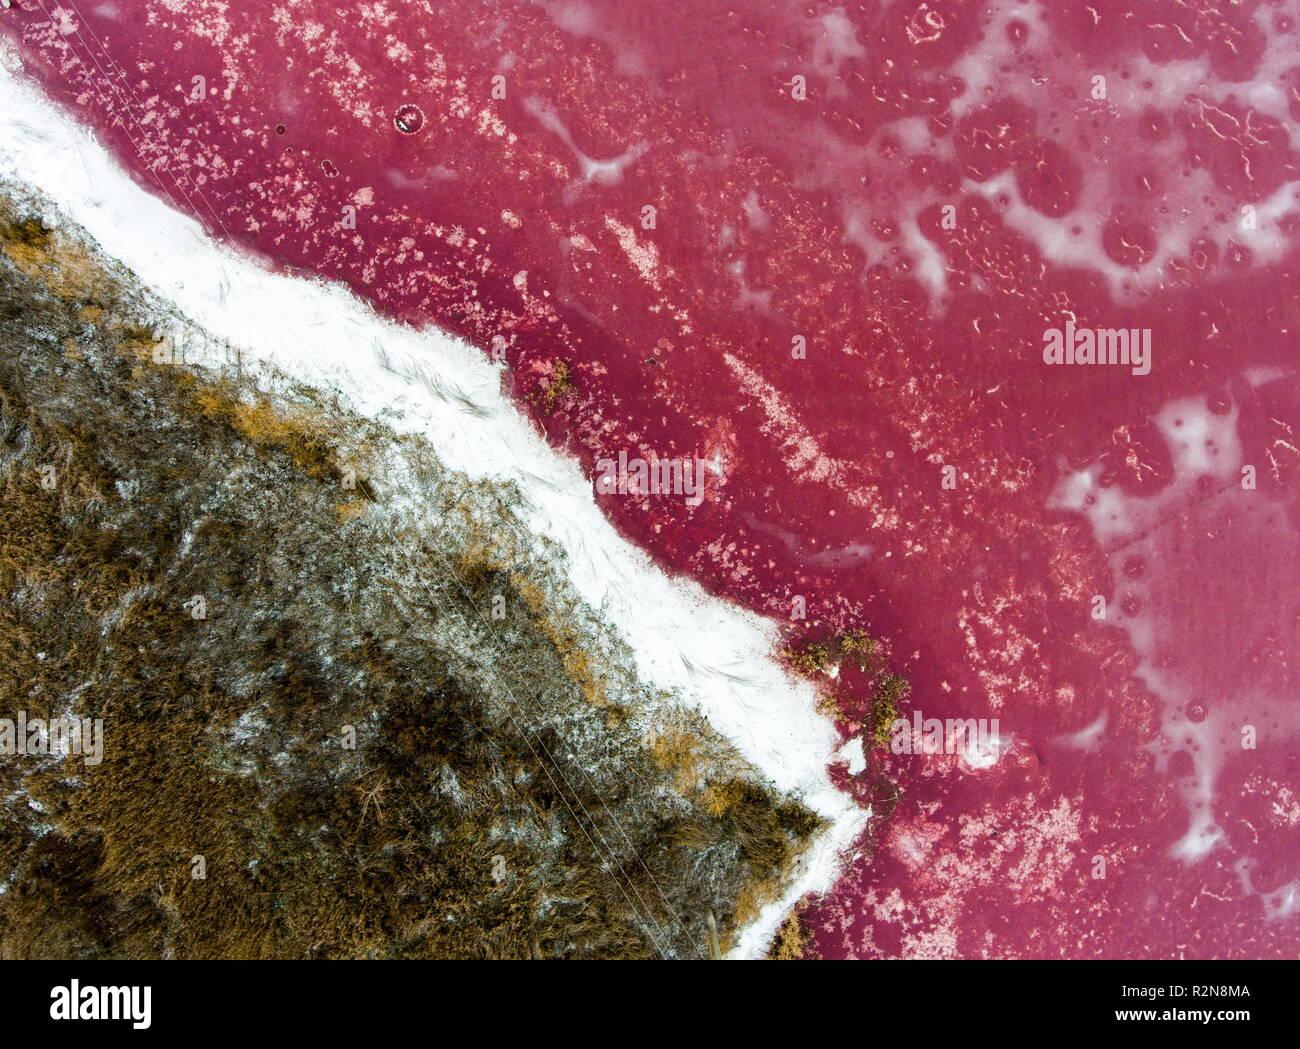 Rusia. 20 Nov, 2018. Región de Ryazan, Rusia - Noviembre 20, 2018: Una foto aérea de un estanque congelado (recipiente de decantación) en la granja de cerdos en Svinokompleks Ryazansky Iskra, Región de Ryazan, Rusia. Alexander Ryumin/TASS Crédito: Agencia de Noticias ITAR-TASS/Alamy Live News Imagen De Stock